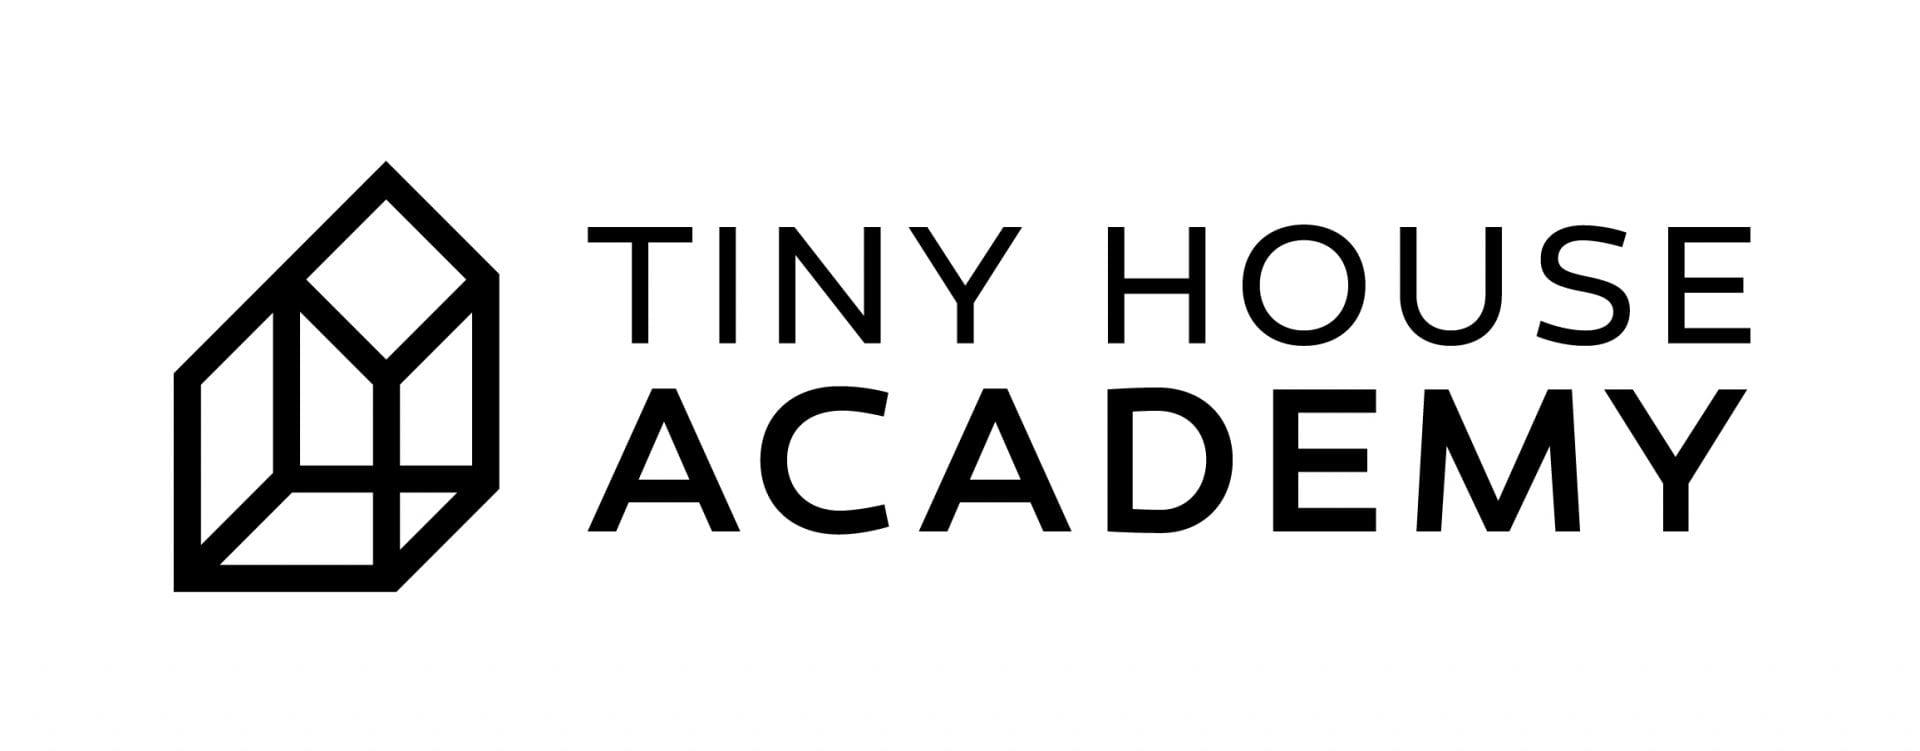 Tiny House Academy